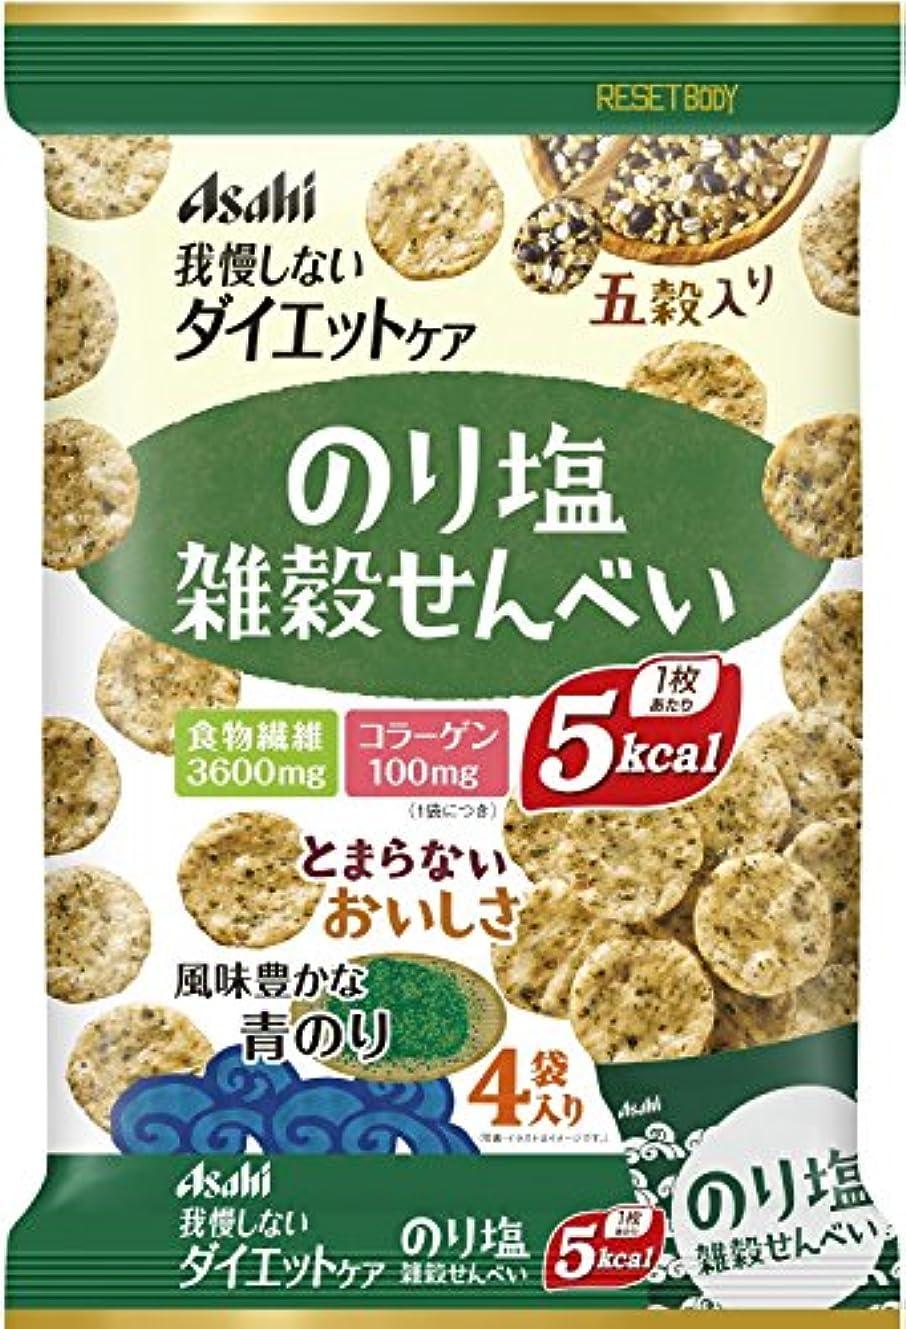 ラフト感じる勘違いするリセットボディ 雑穀せんべい のり塩味 88g(22g×4袋)